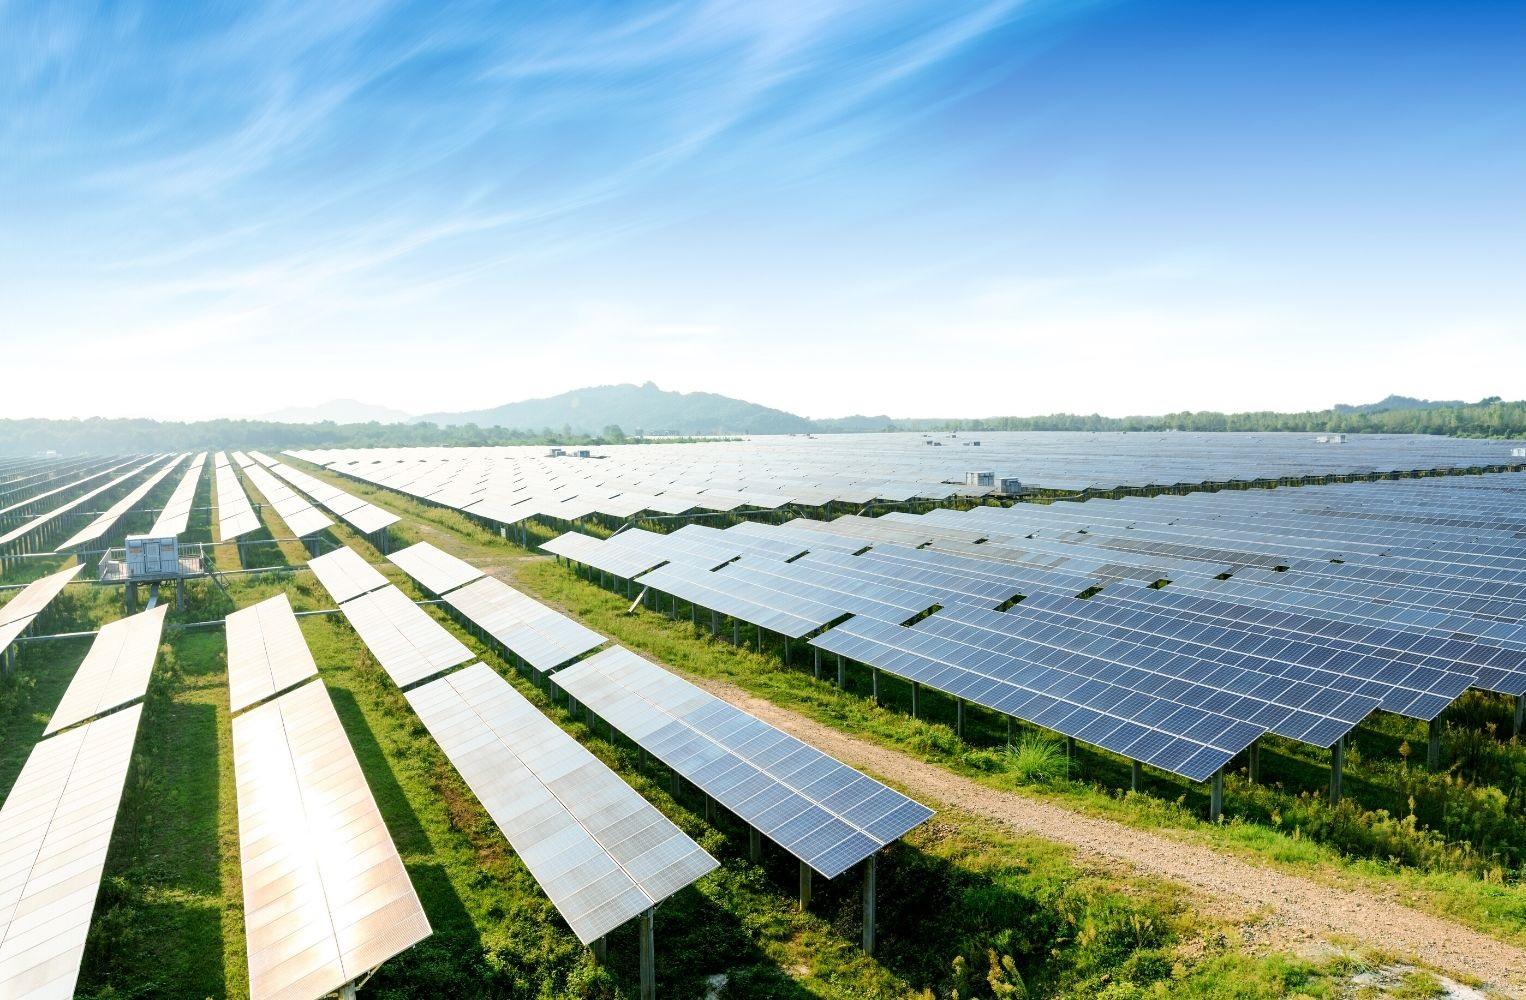 România Verde: Utilizarea fotovoltaicelor – în ce domenii mai sunt folosite sistemele fotovoltaice